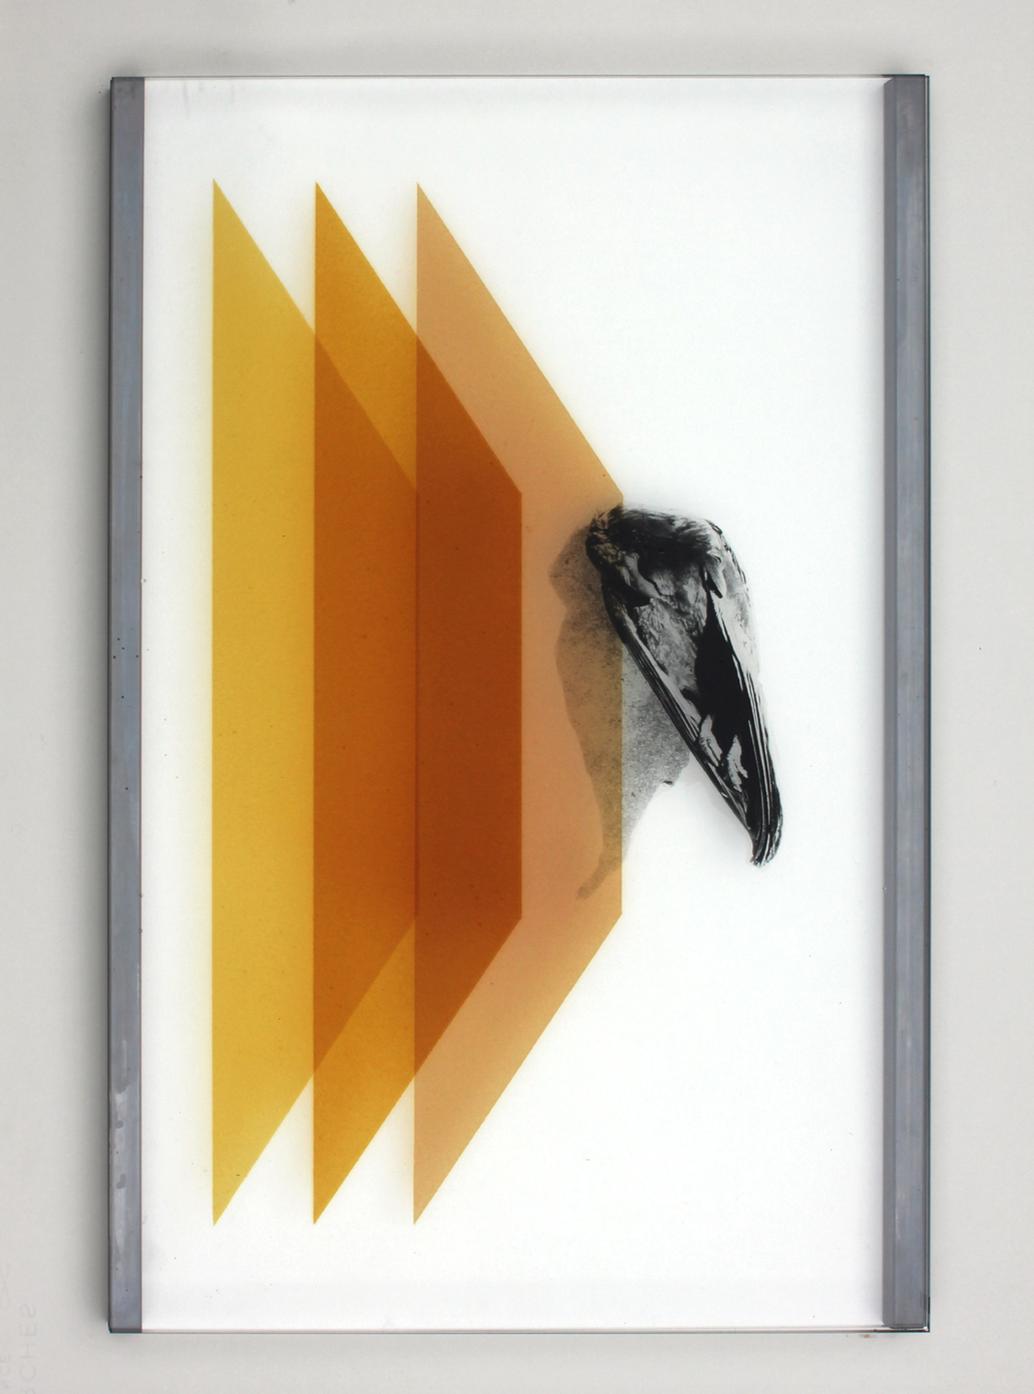 Pia Rondé & Fabien Saleil, Les profanes #01, 2020 Verre, cément jaune d'argent, photographie argentique, acier 60 x 40 cm. Unique, courtesy galerie Valeria Cetraro